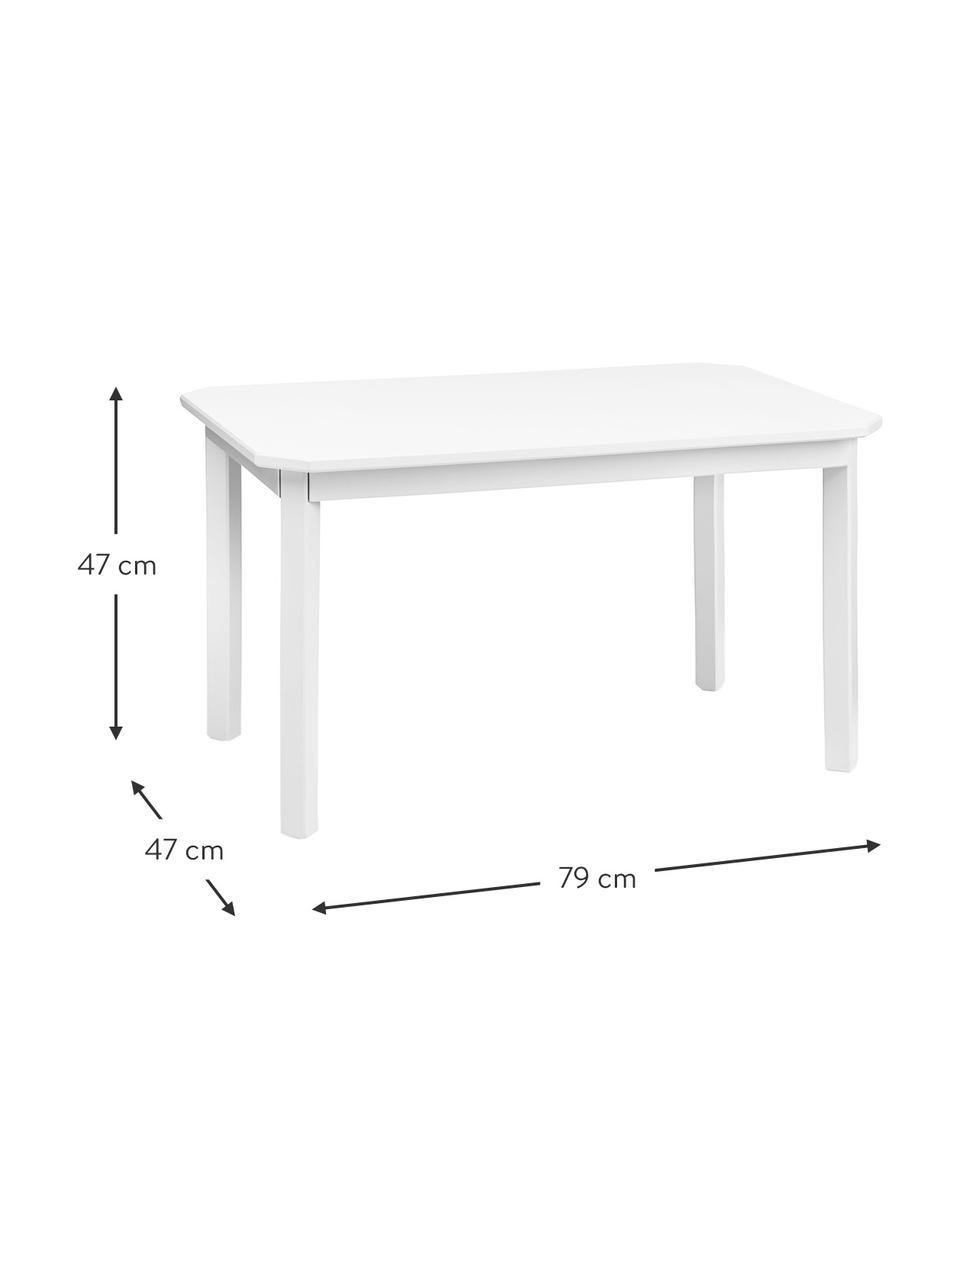 Holz-Kindertisch Harlequin, Birkenholz, Mitteldichte Holzfaserplatte (MDF), lackiert mit VOC-freier Farbe, Weiß, 79 x 47 cm